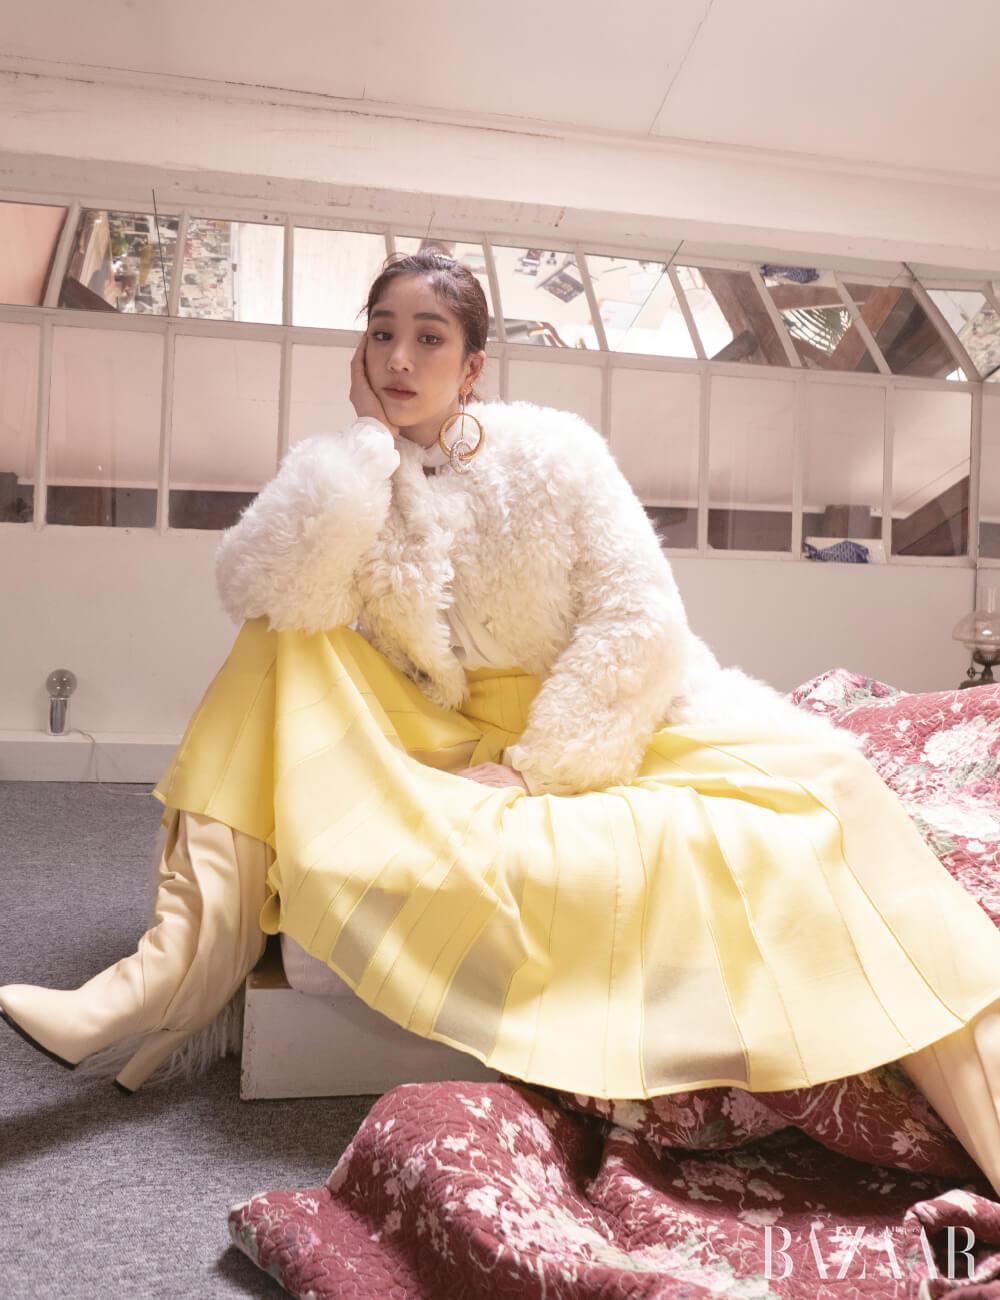 블라우스, 플리츠 스커트, 시어링 코트, 스테이트먼트 귀고리, 롱 부츠는 모두 Givenchy.